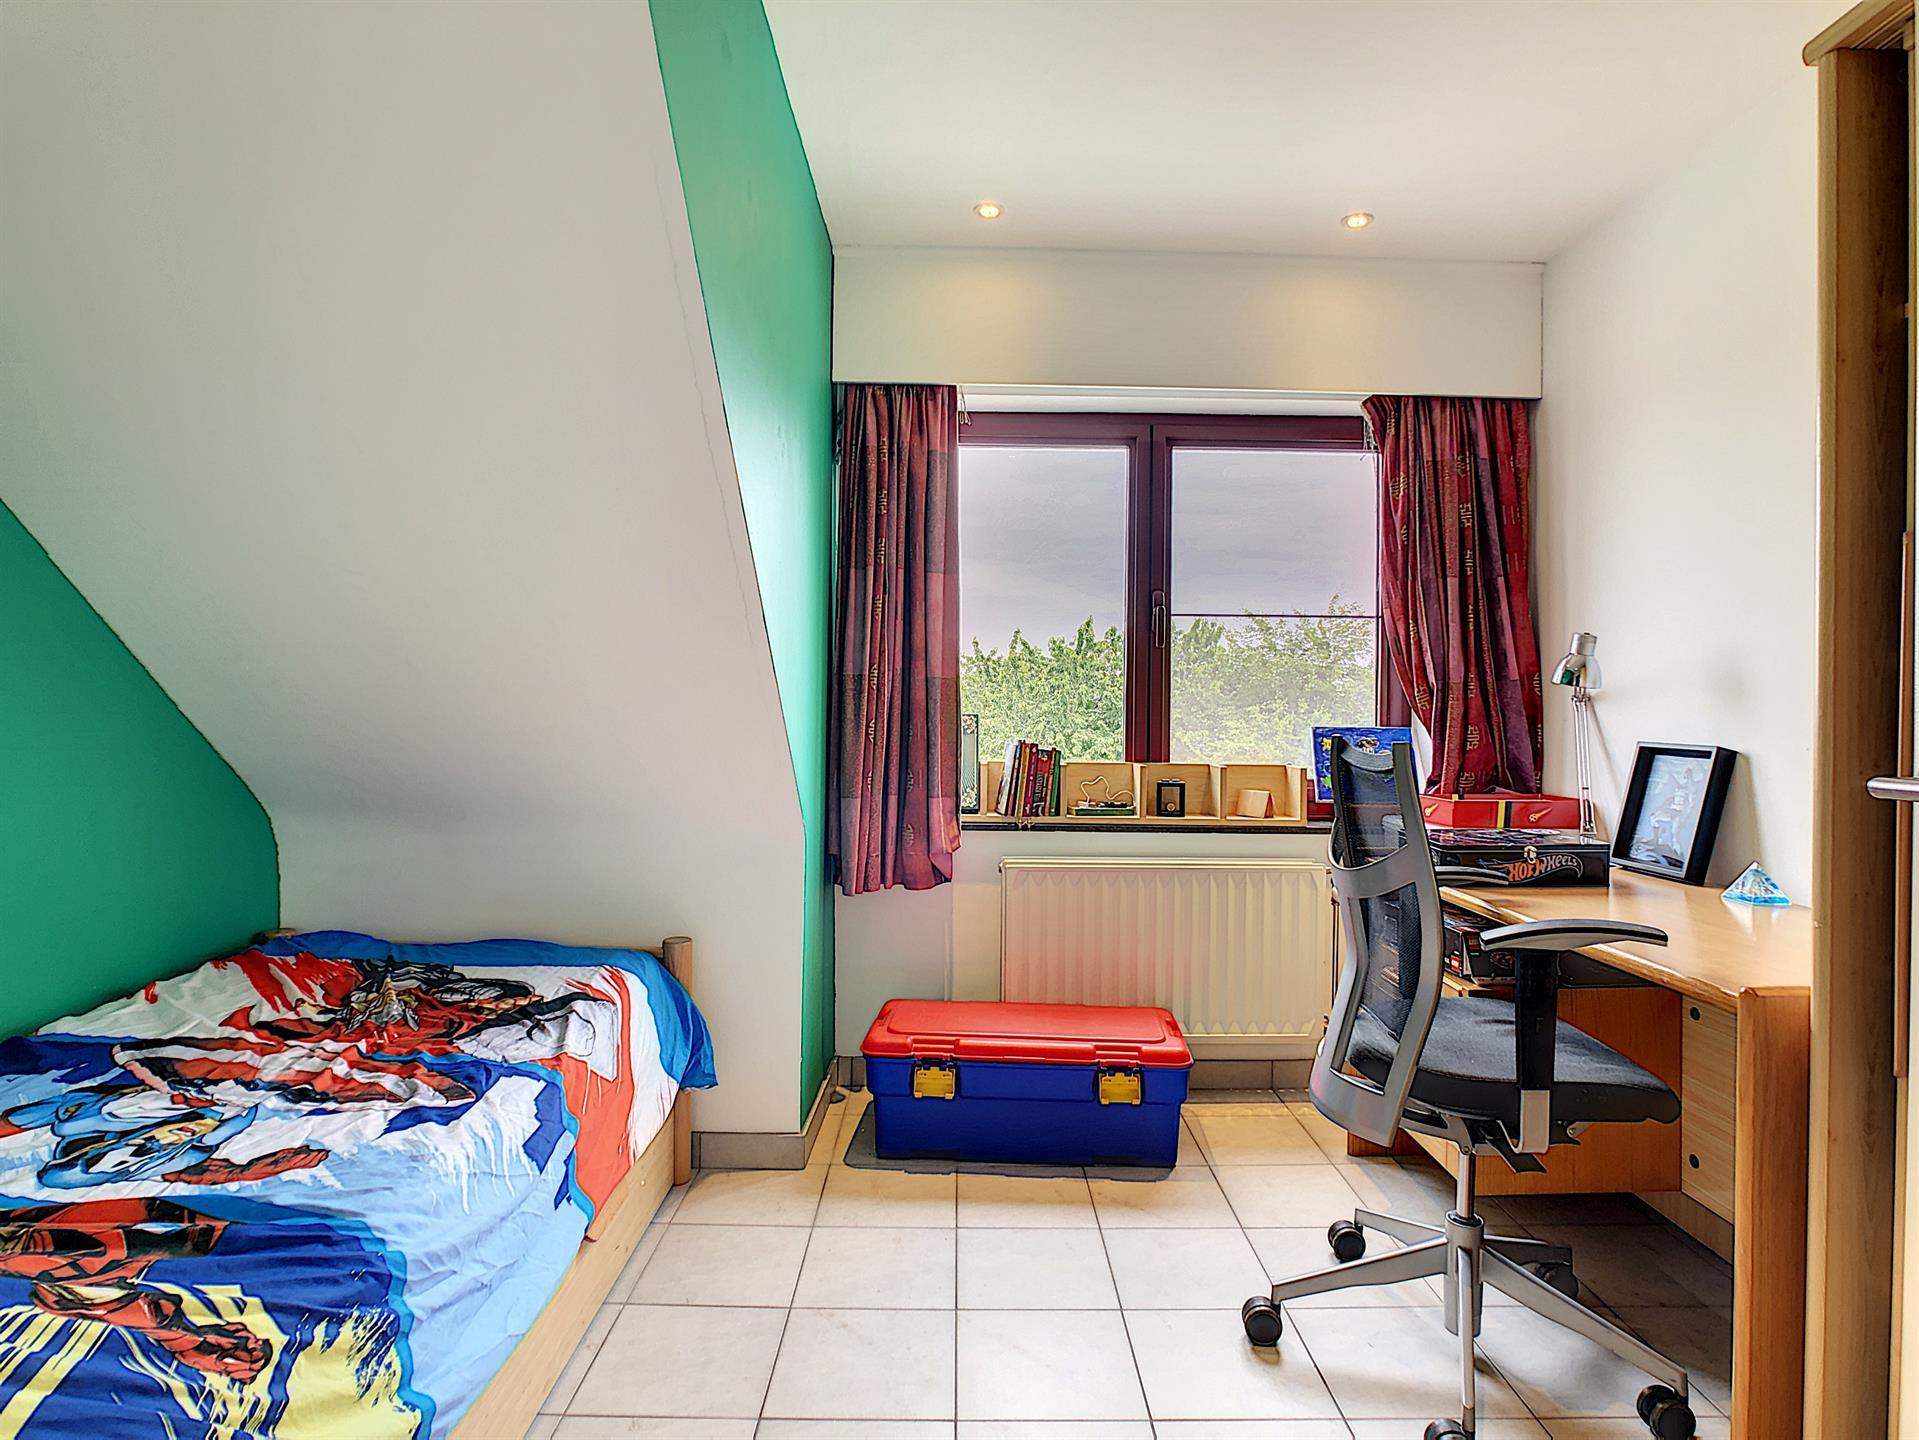 Bel-étage - Vilvoorde - #4419274-7